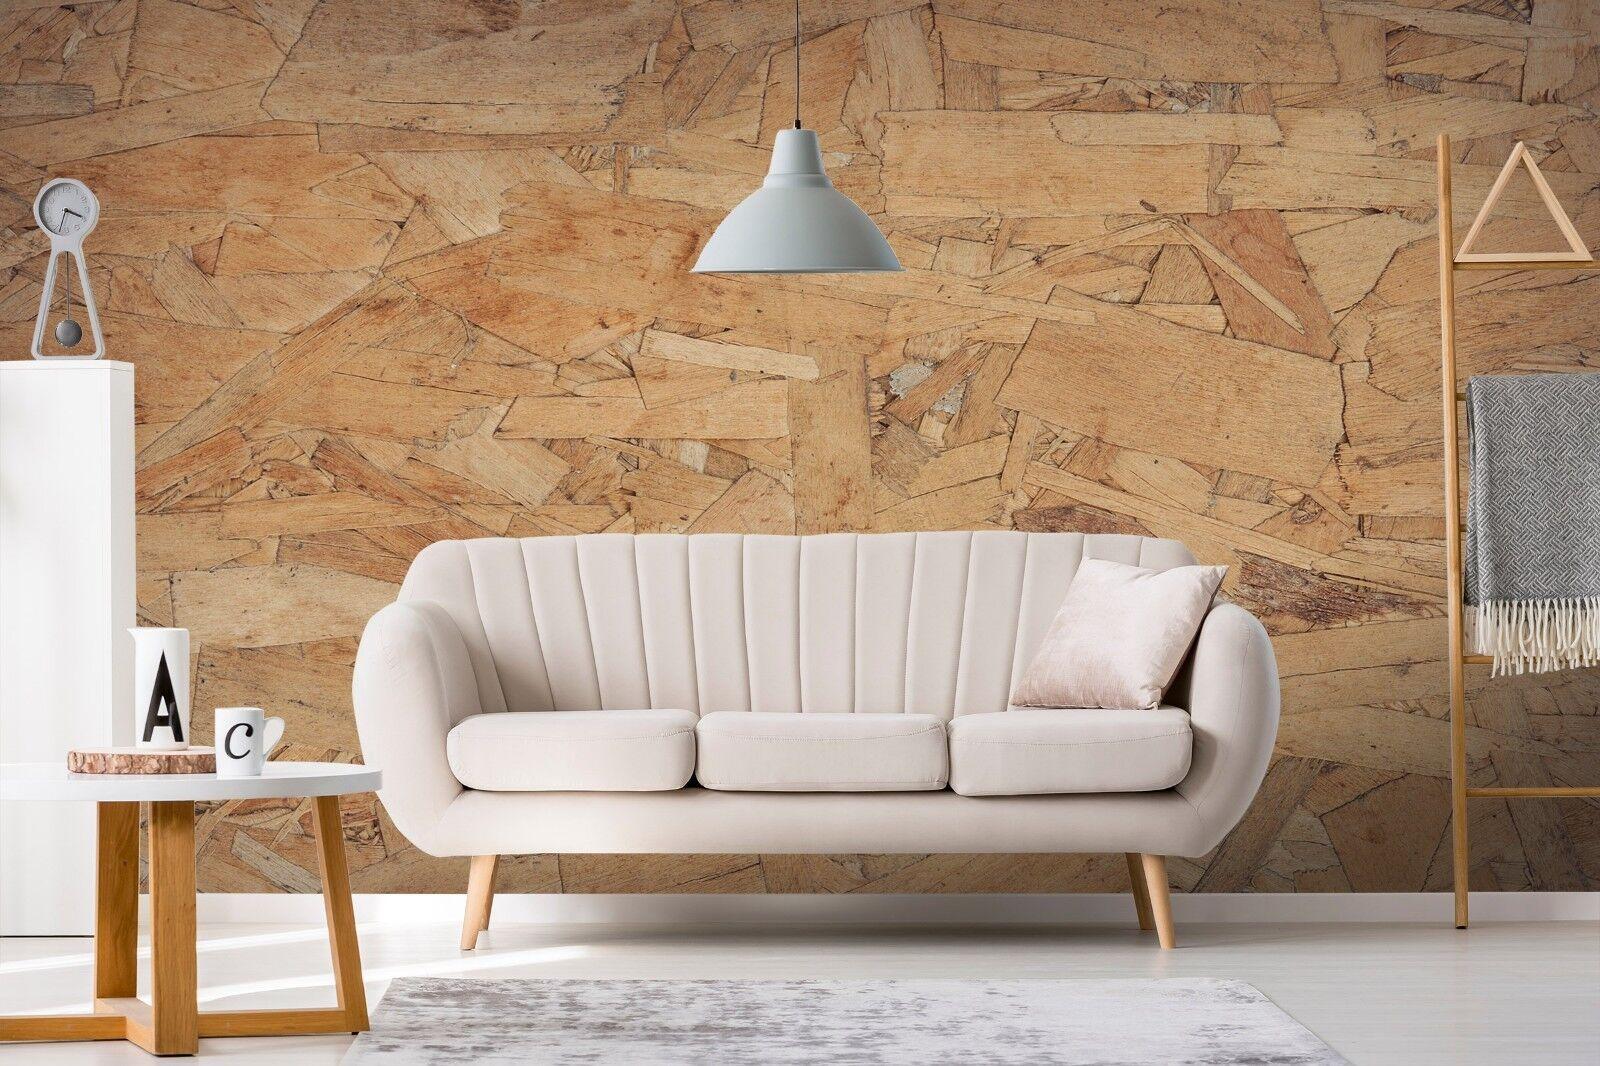 3D Gelb Gelb Gelb Holzbrett 7055 Tapete Wandgemälde Tapete Tapeten Bild Familie DE Sidney  | Sale Outlet  | Genial  | Vorzügliche Verarbeitung  ca647c